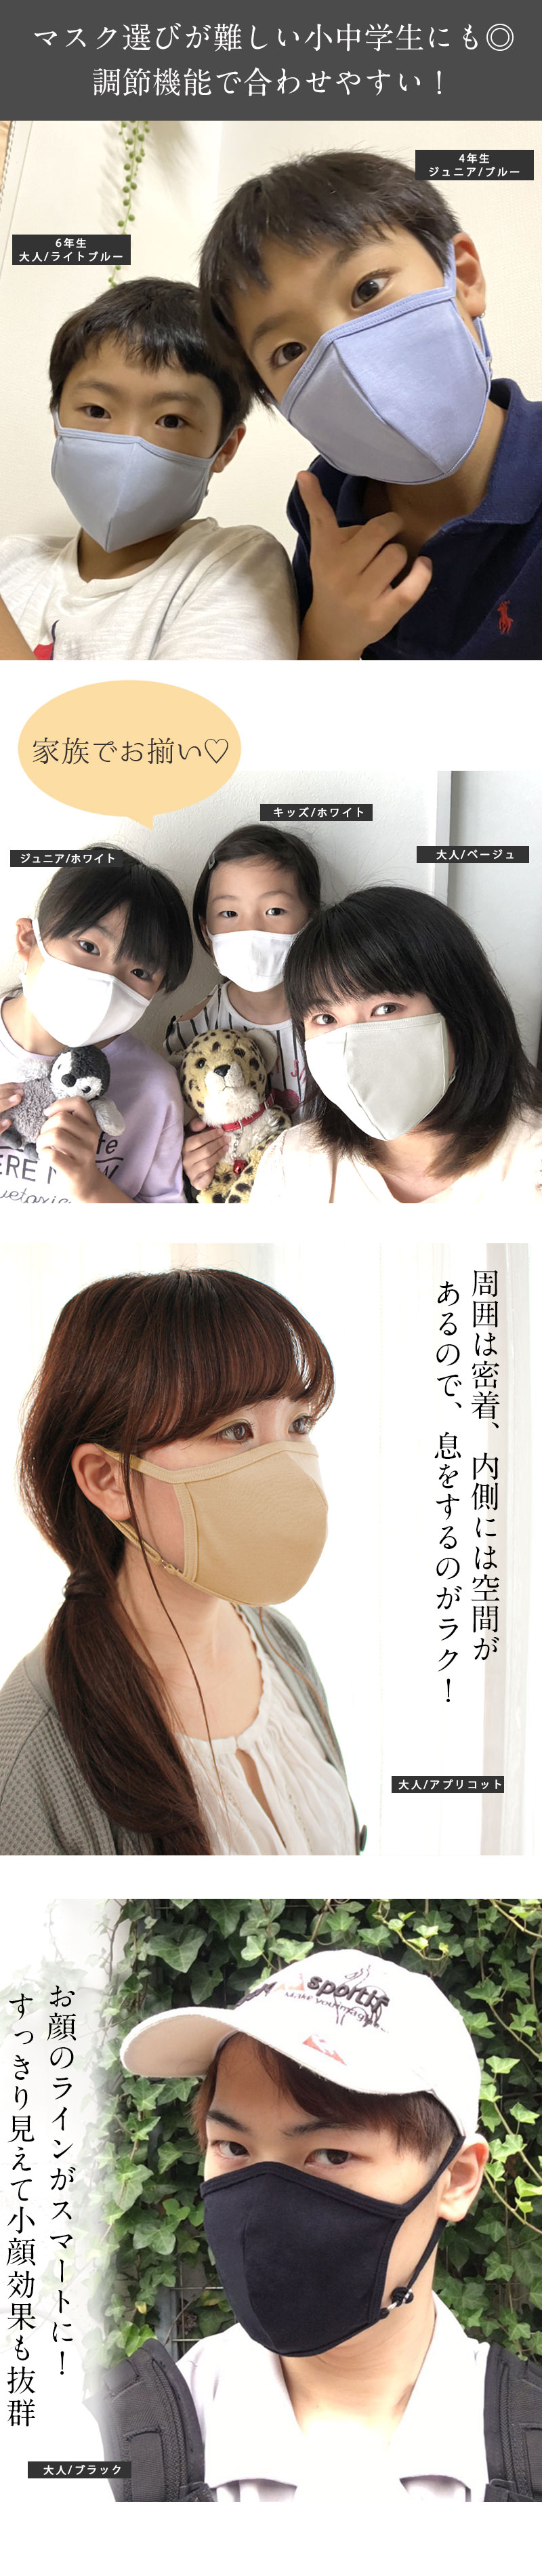 マスク 大人 子ども 3サイズ比較